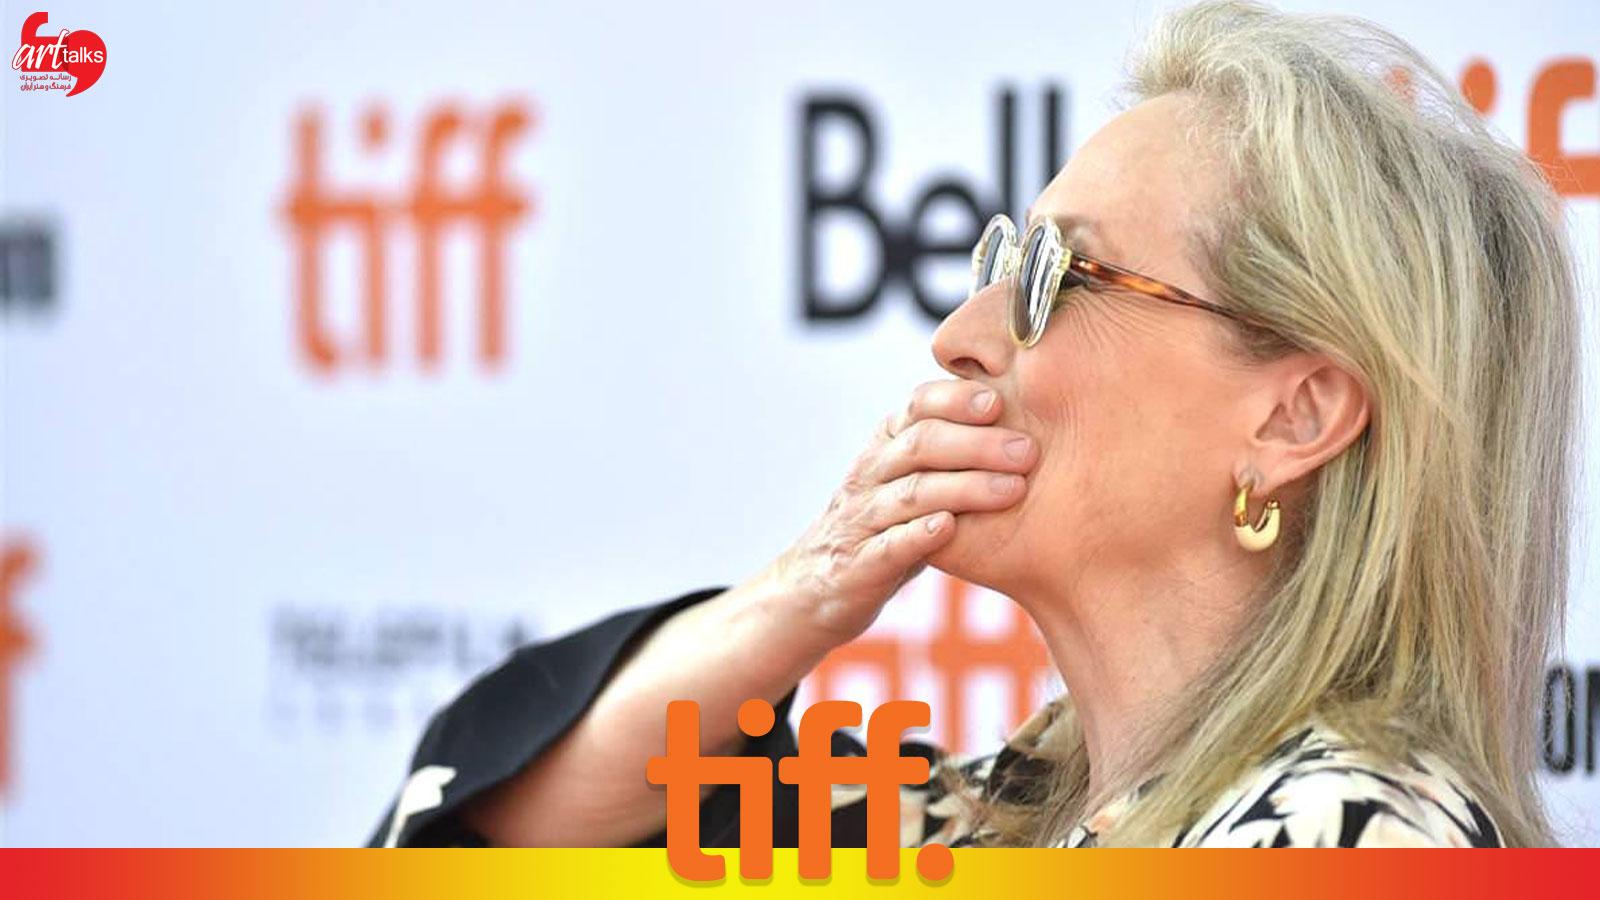 مرلی استریپ در جشنواره فیلم تورنتو